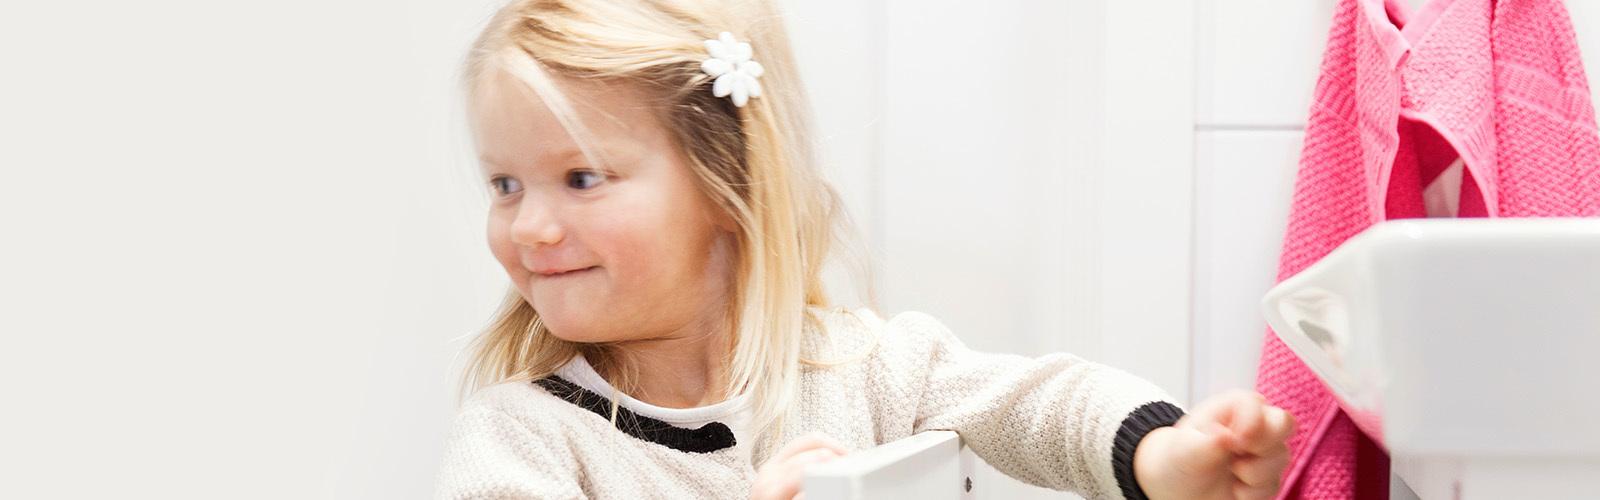 En utspekulert treåring snur seg mot noen idet hun åpner en skuff på badet, stolt over at hun klarer å gjøre det selv.